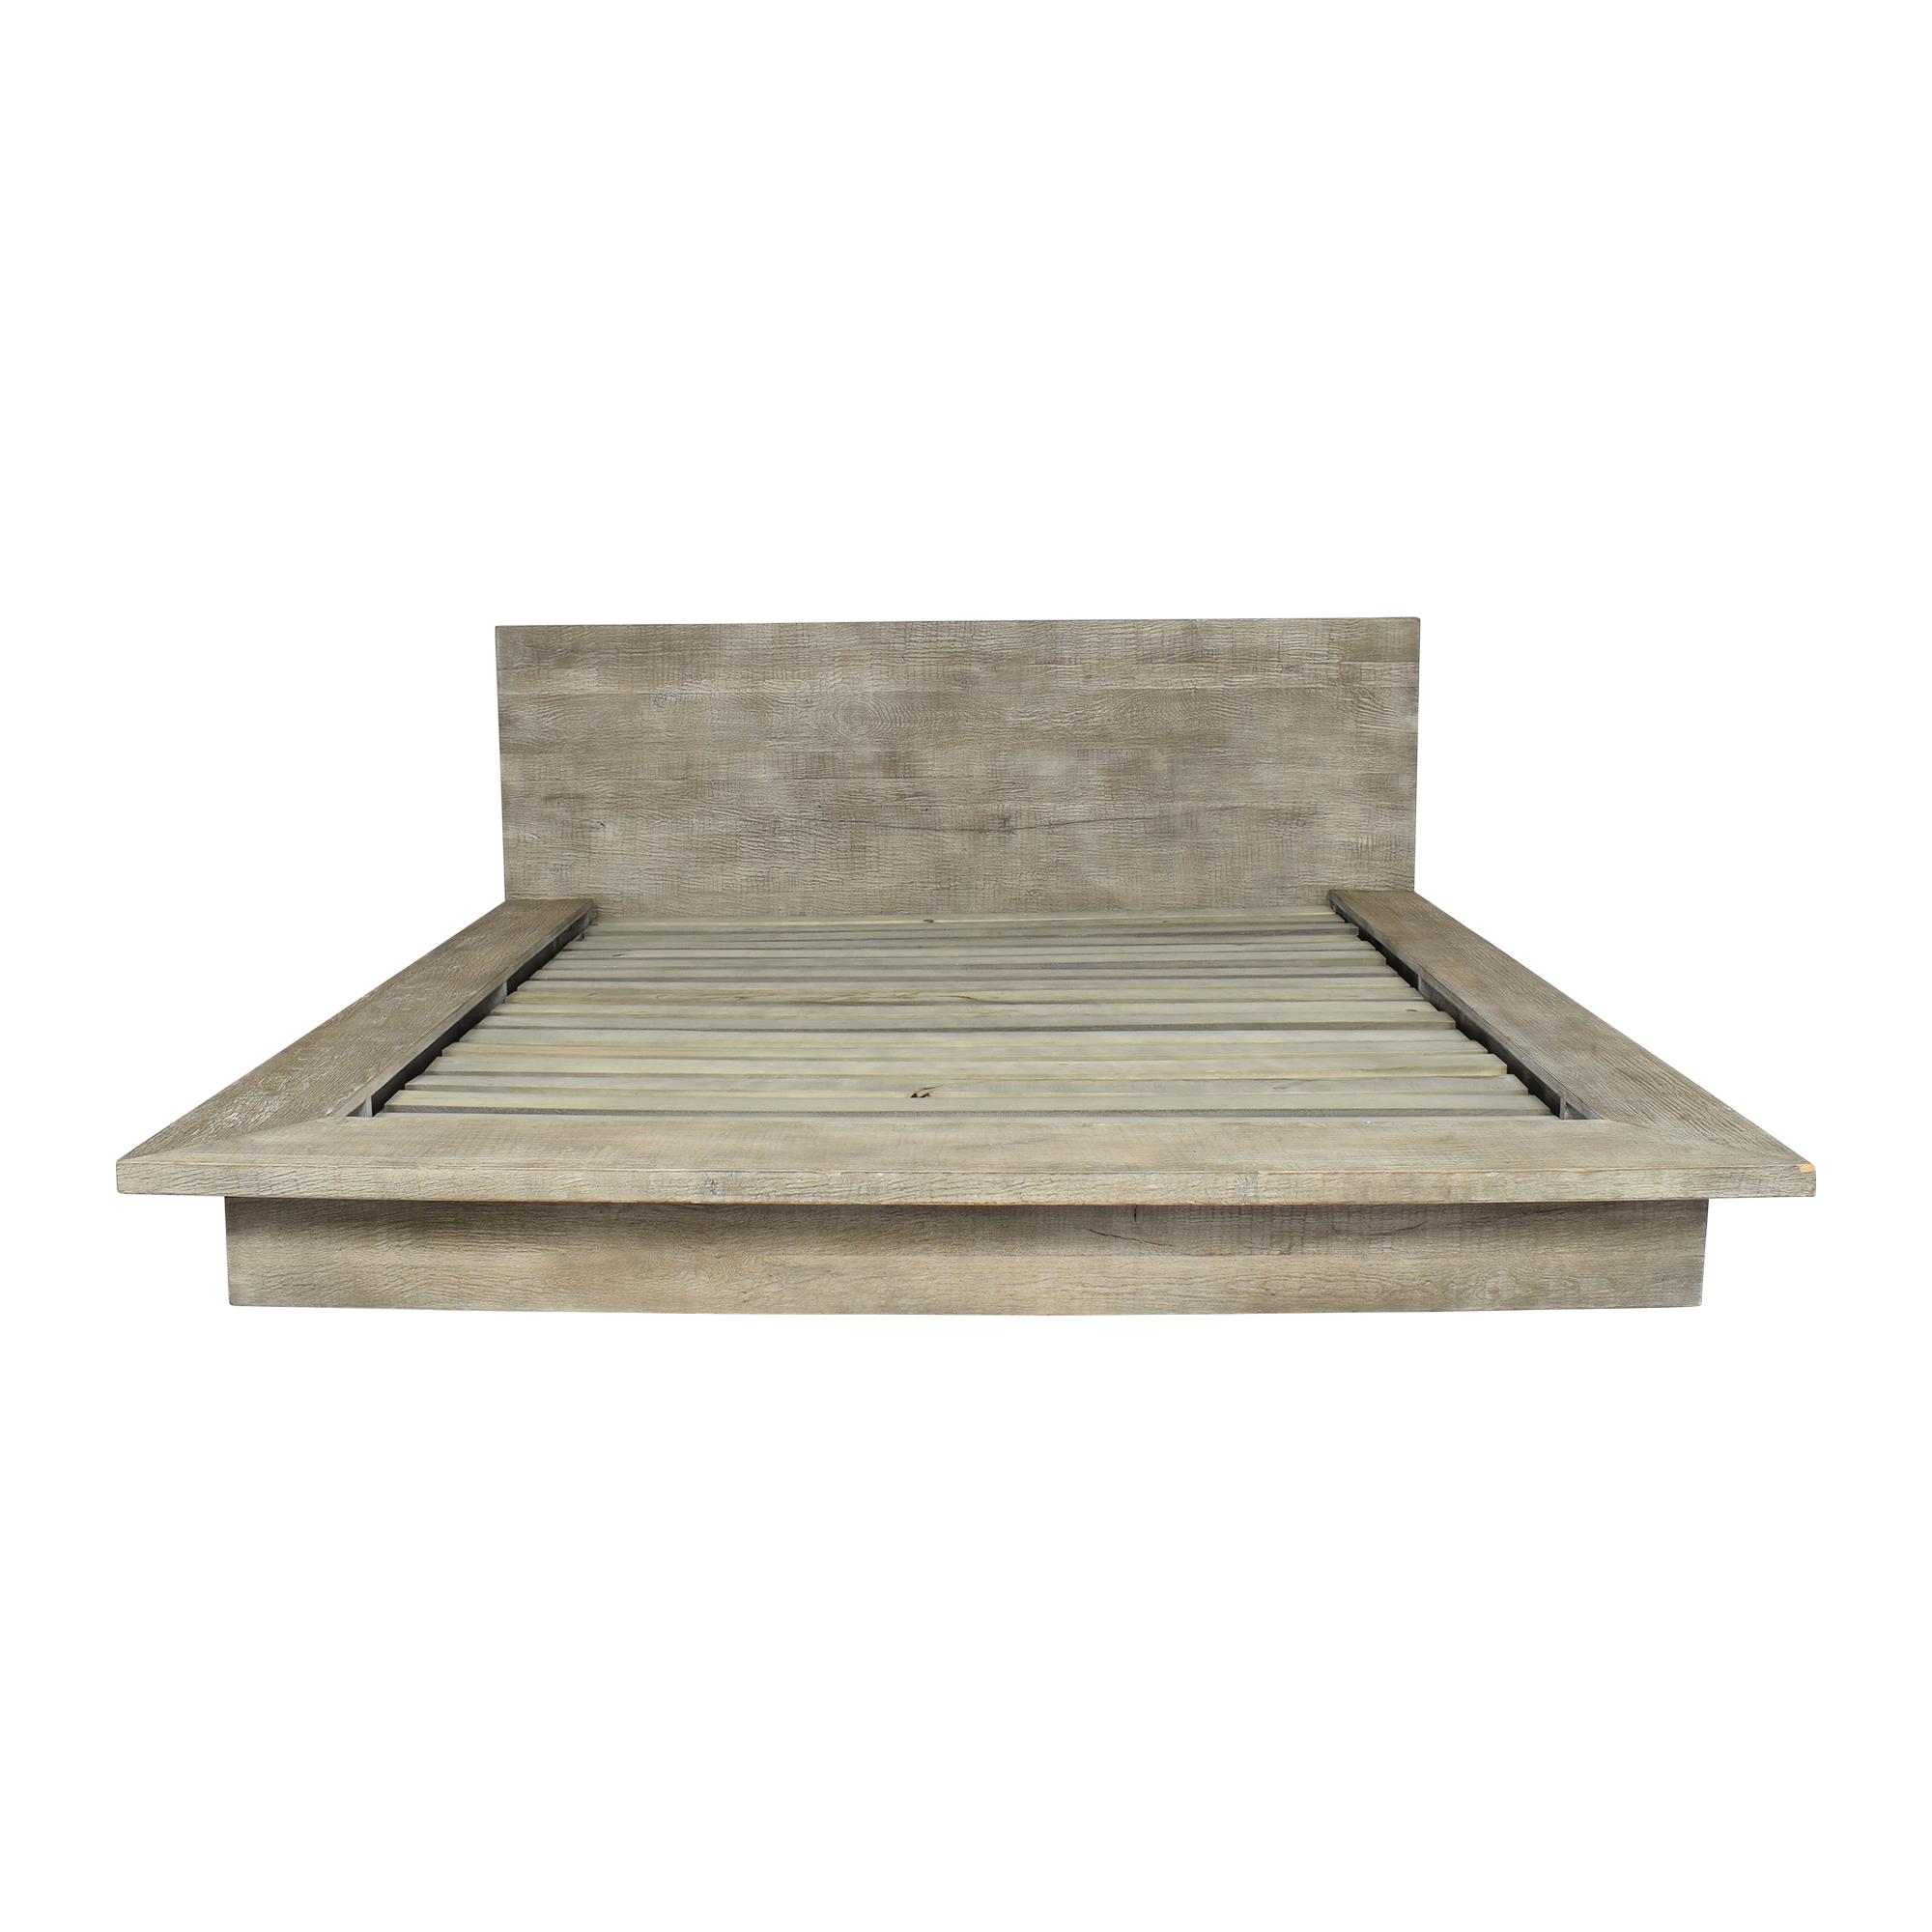 shop Restoration Hardware Reclaimed Platform King Bed Restoration Hardware Bed Frames